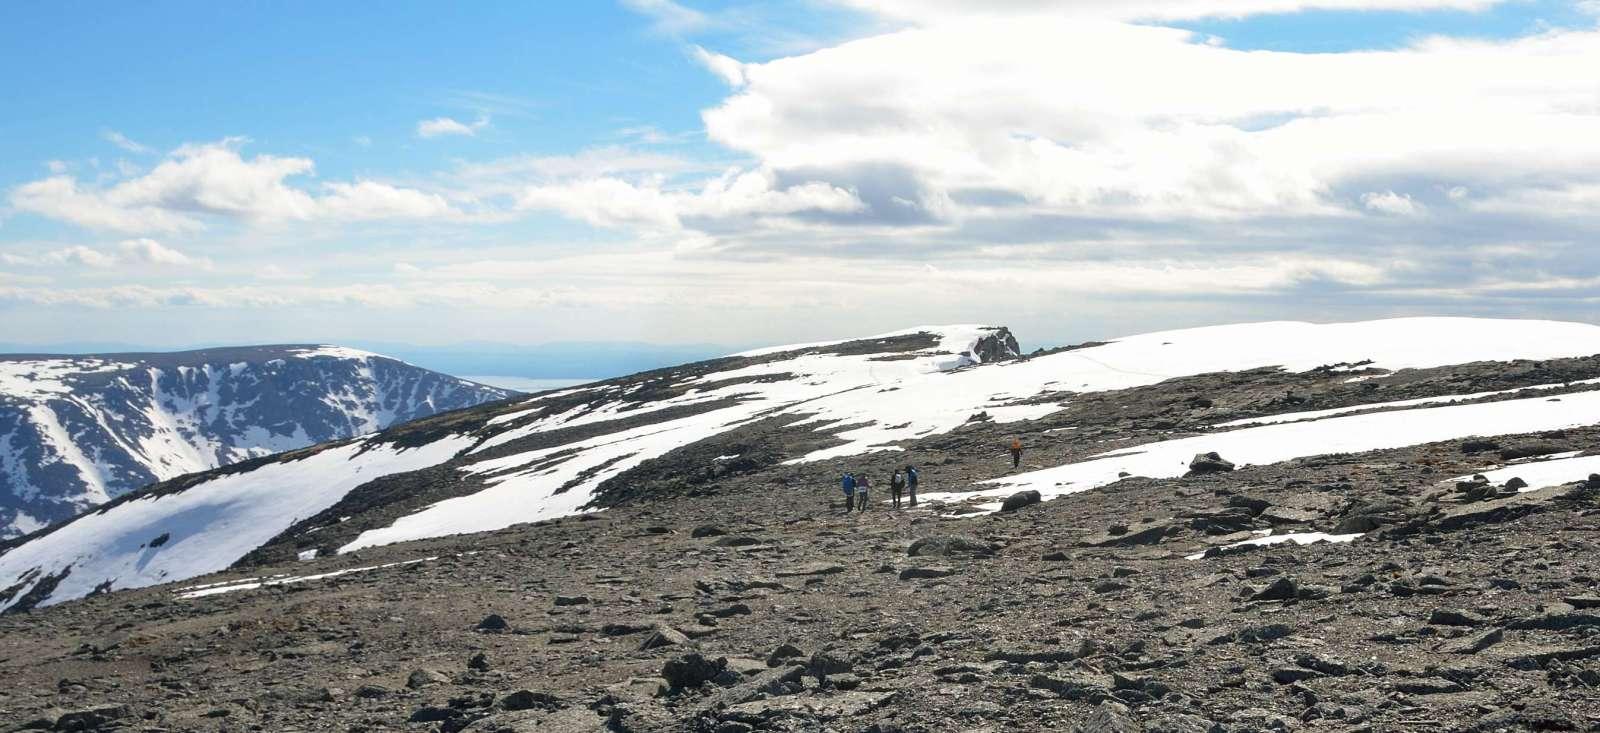 Voyage à la neige : Toundra arctique et Mer de Barents